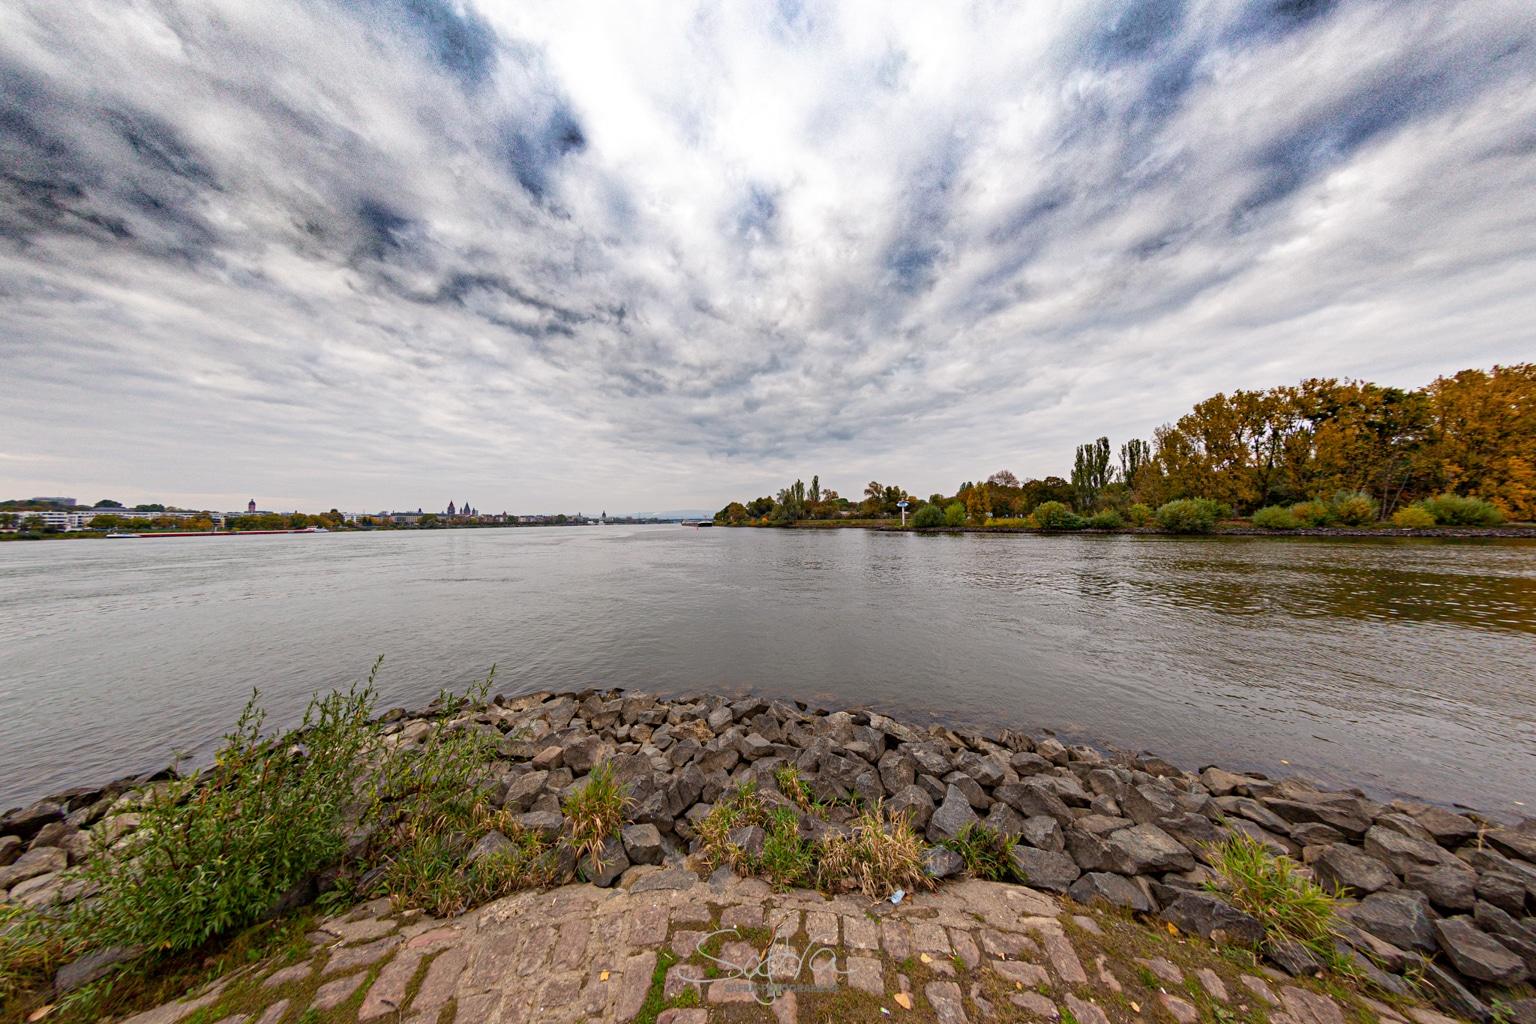 Mainmündung in den Rhein